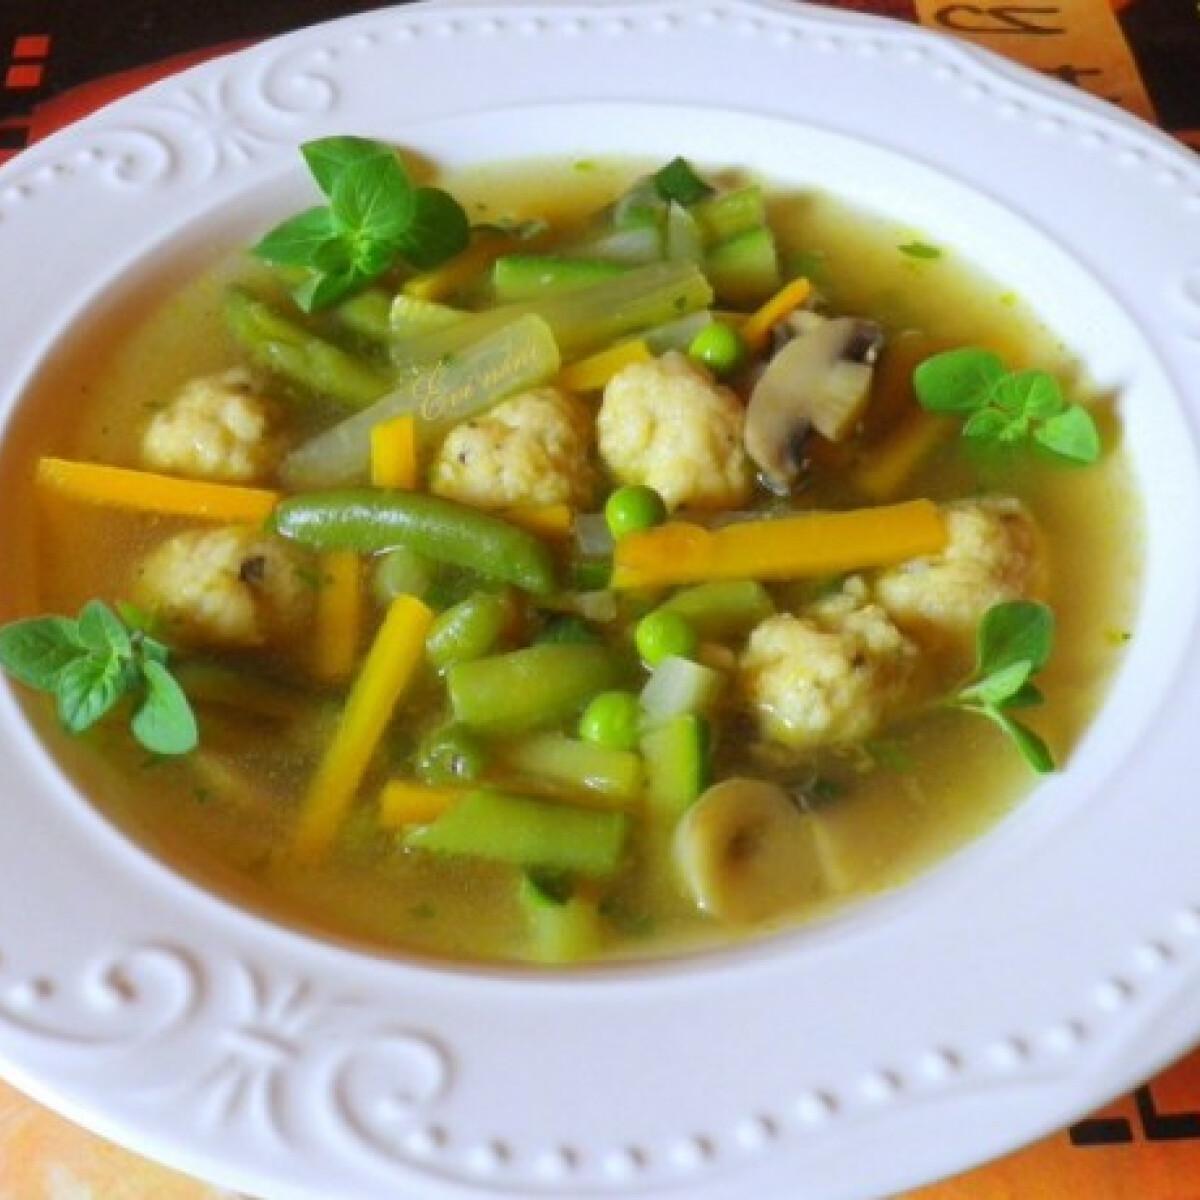 Ezen a képen: Zöldségleves sajtgombóccal